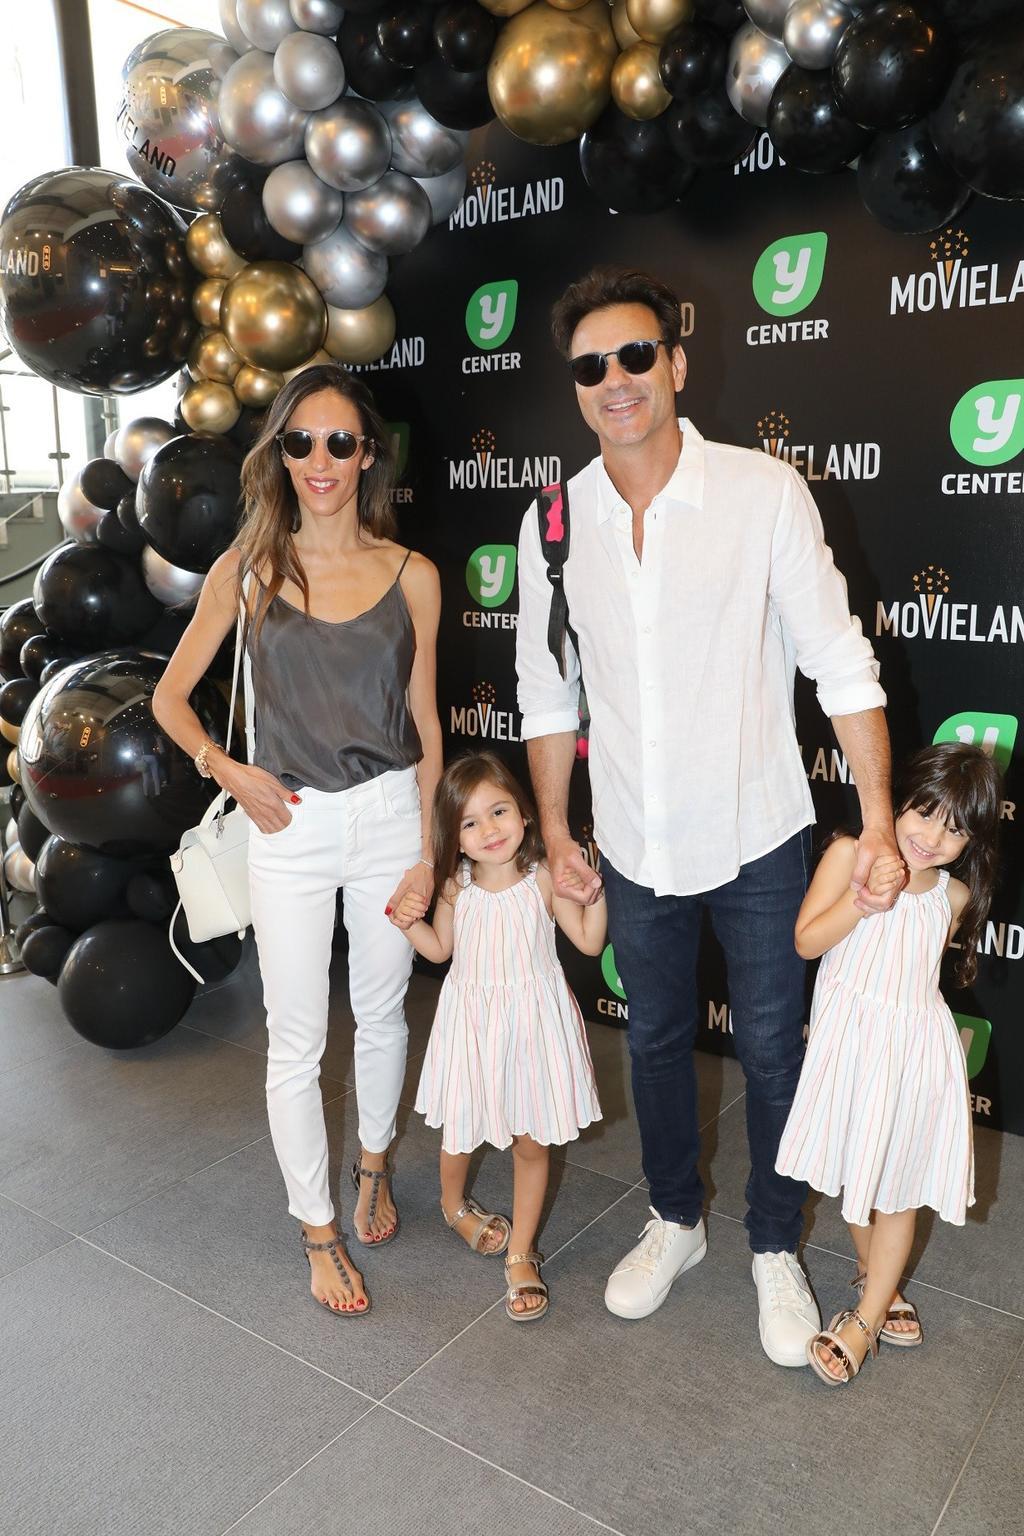 אקי אבני ואישתו ניקול מילר עם הילדים בהשקת קולנוע מובילנד פולג. צילום: רפי דלויה